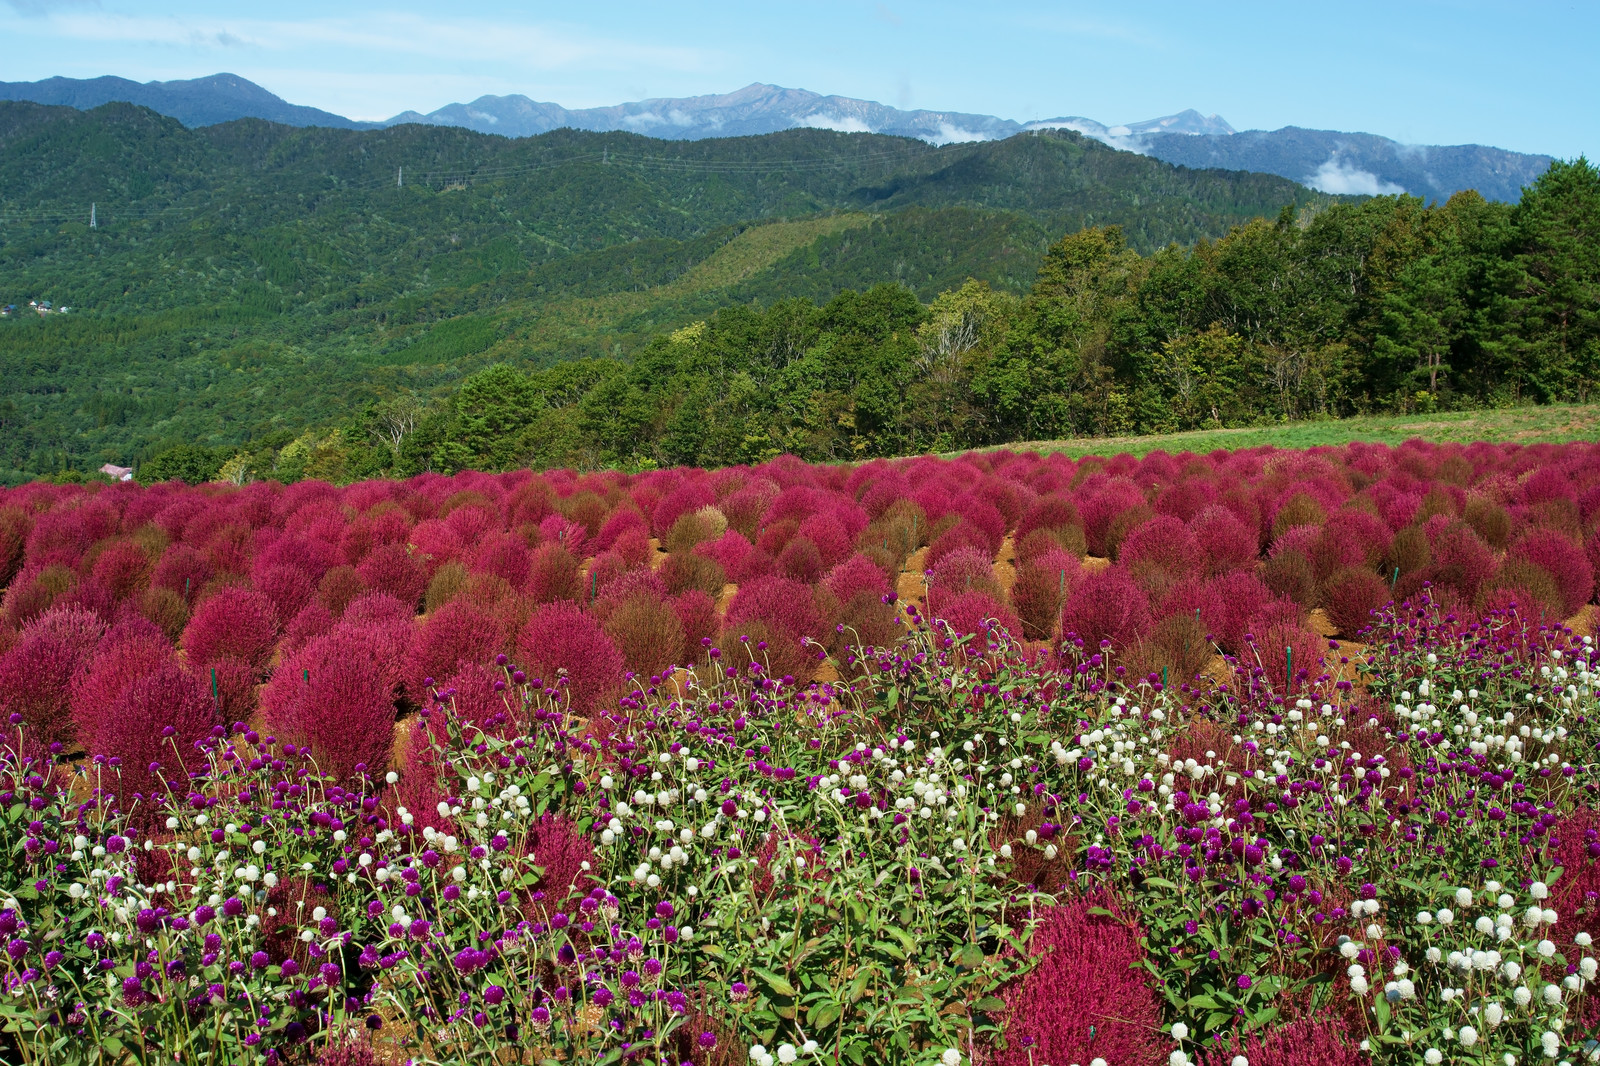 「コキアと千日紅越しの山並み」の写真